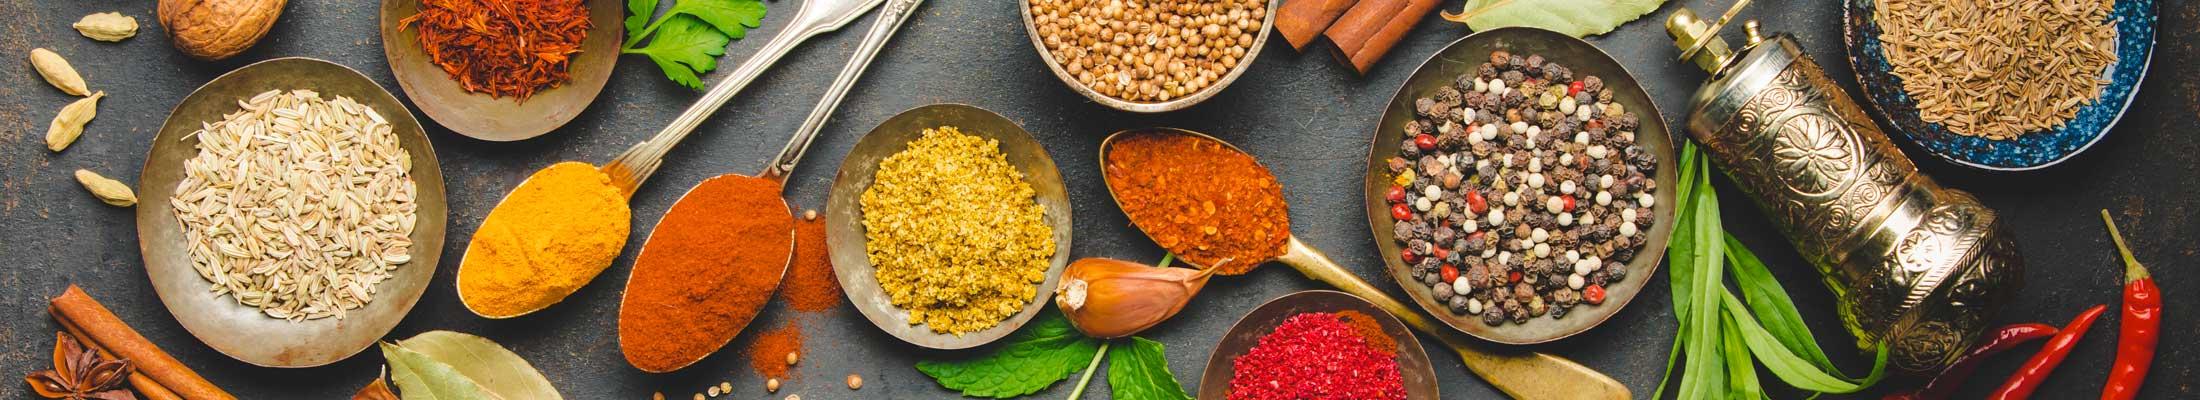 Spice blends - Buy original and fragrant spice blends